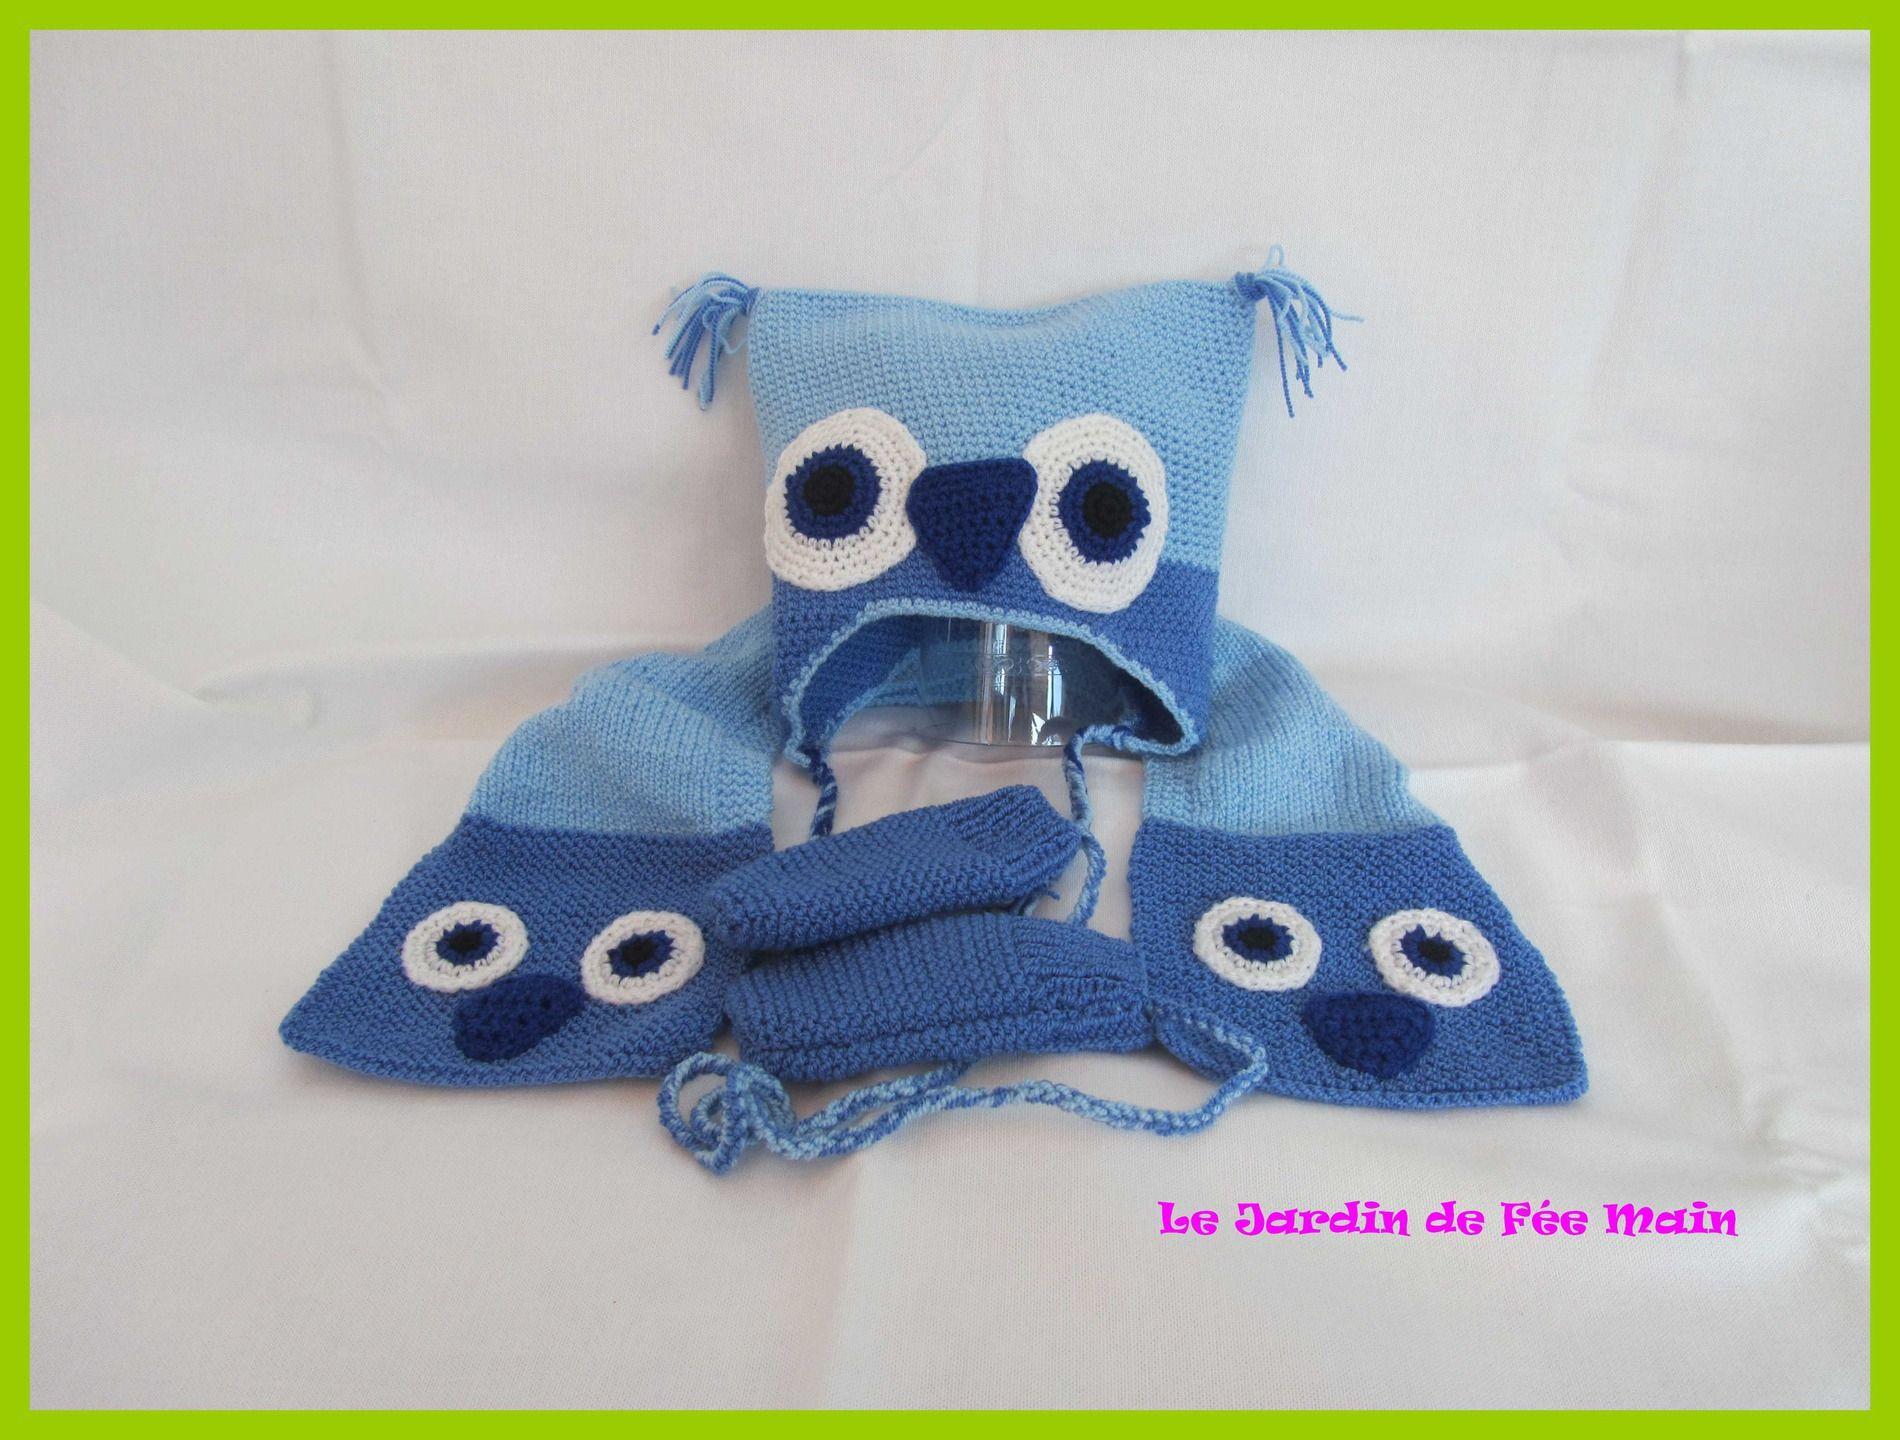 Ensemble bonnet chouette écharpe et mouffles dans un camaieu de bleu   Mode  Bébé par le-jardin-de-fee-main 6c480a7bf0d